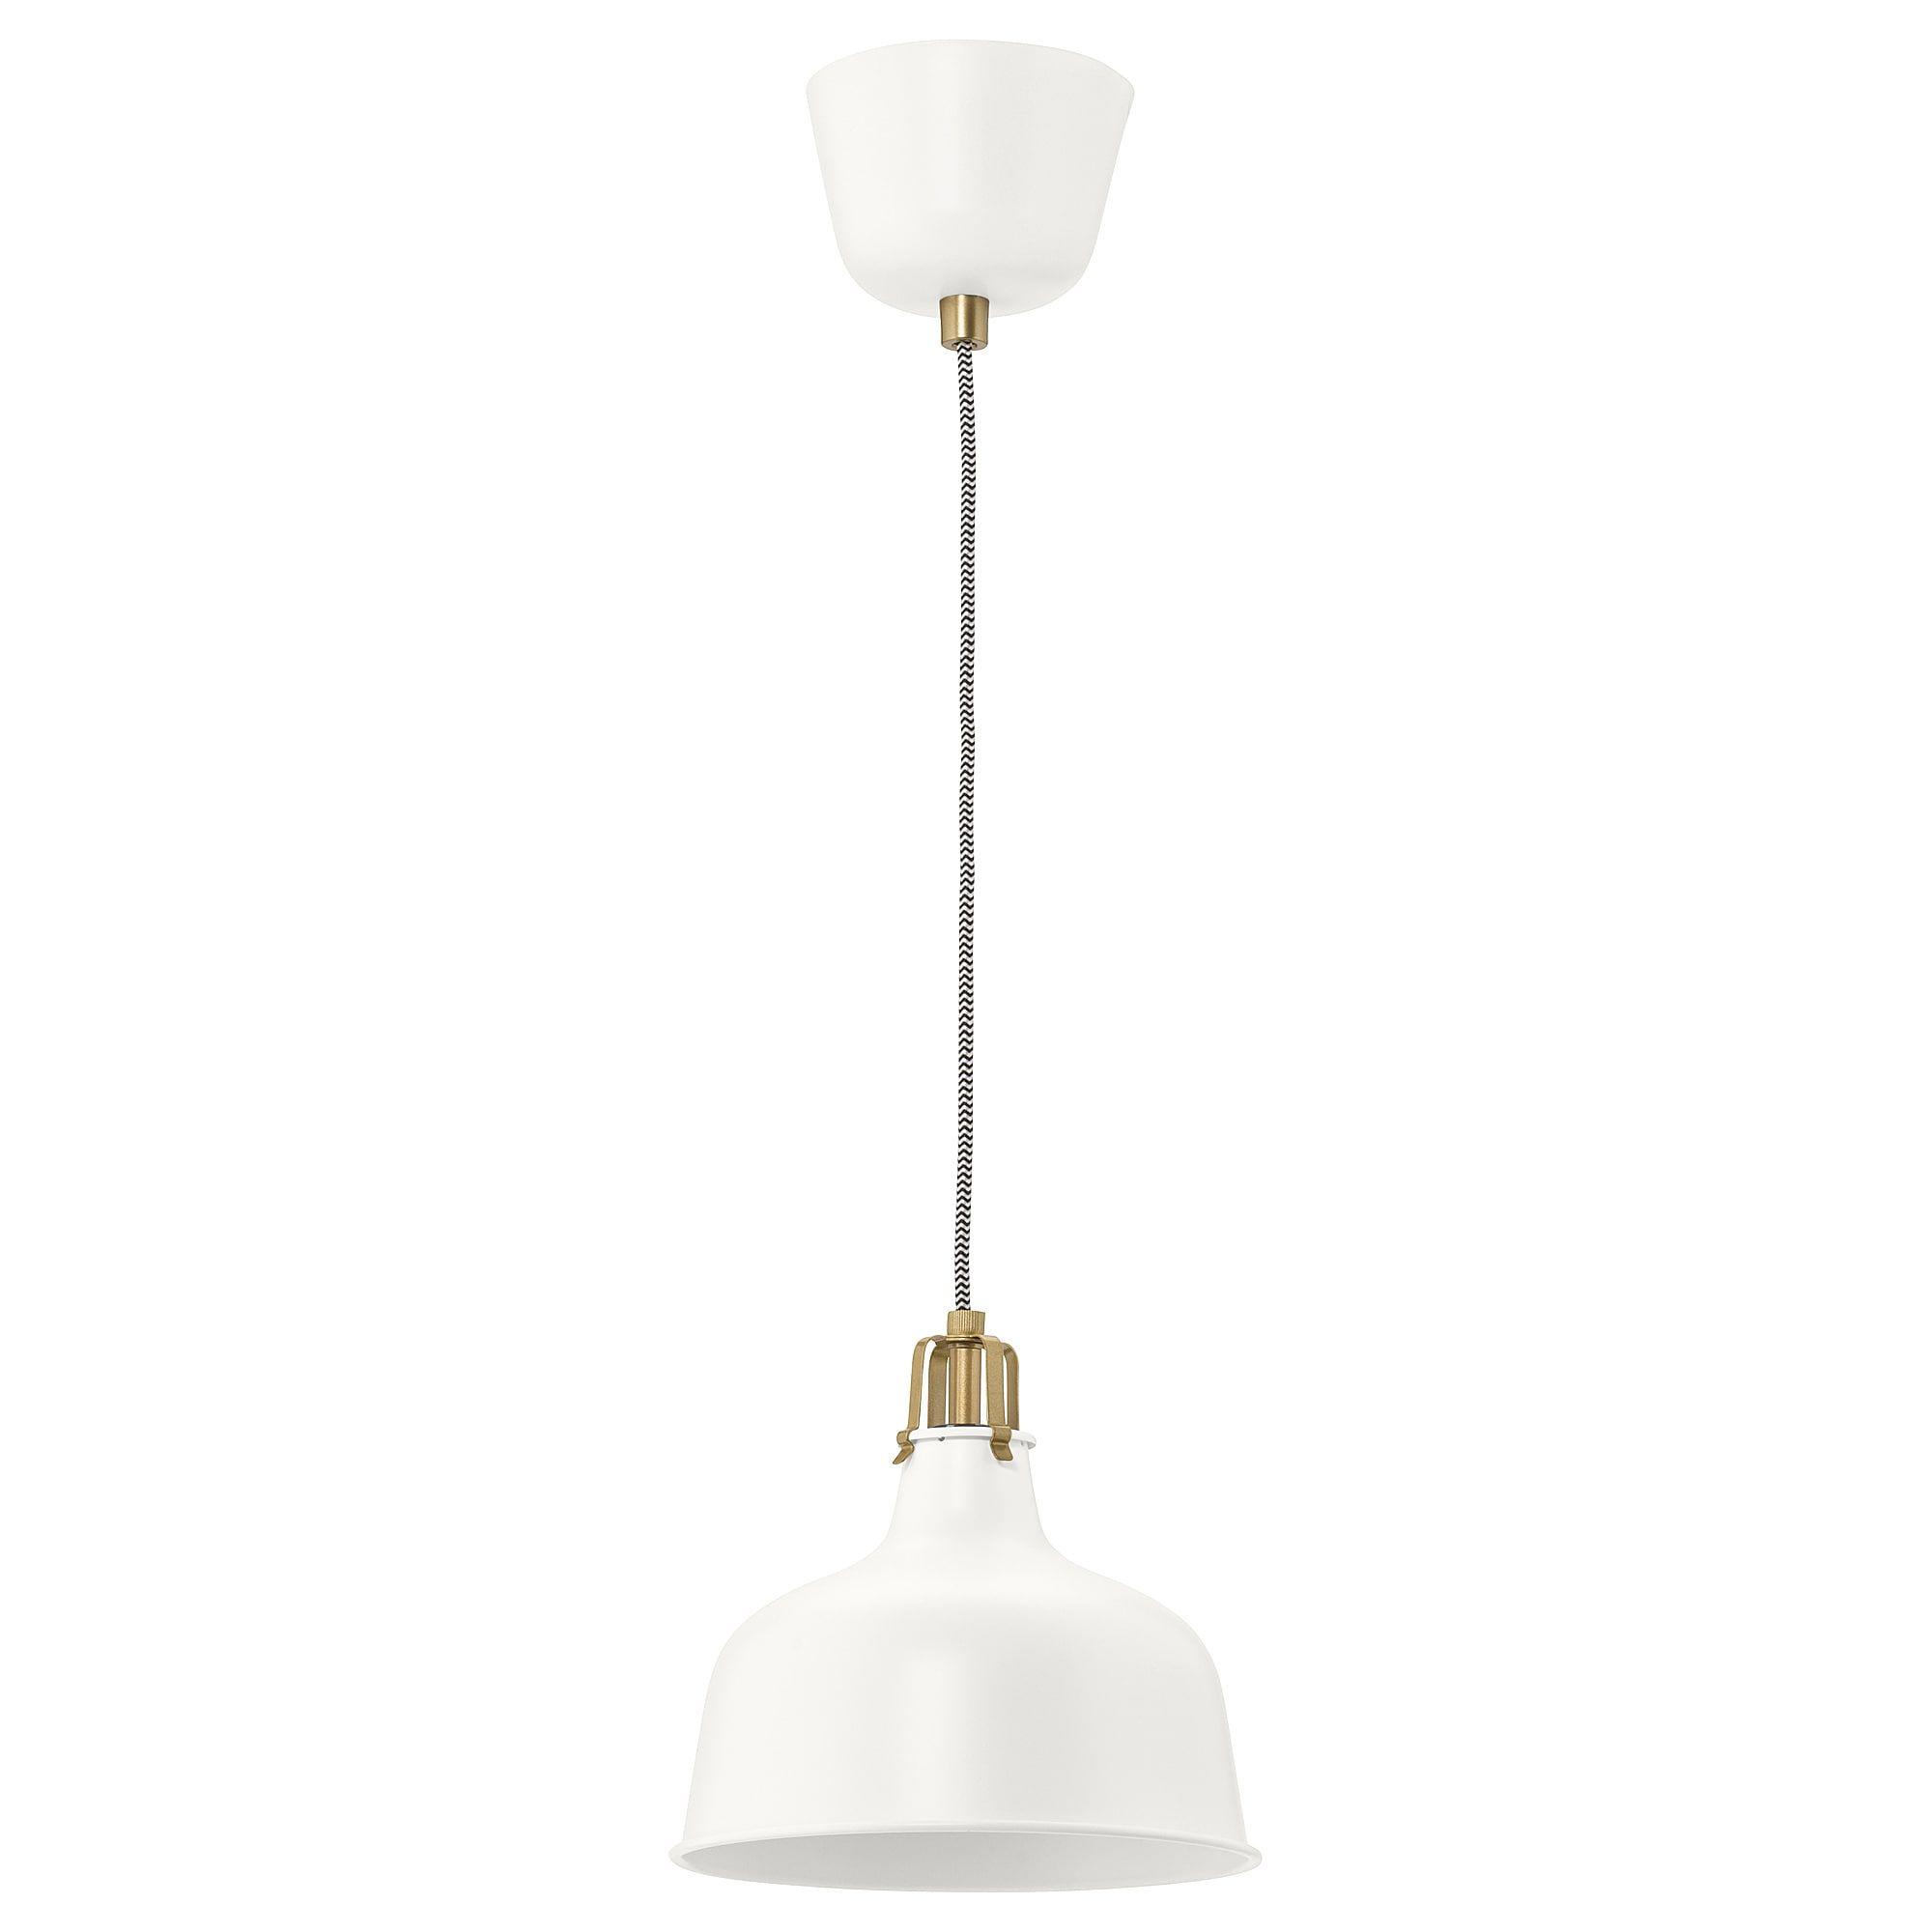 RANARP Hanglamp, ecru, 23 cm IKEA | Pendant lamp, Ikea